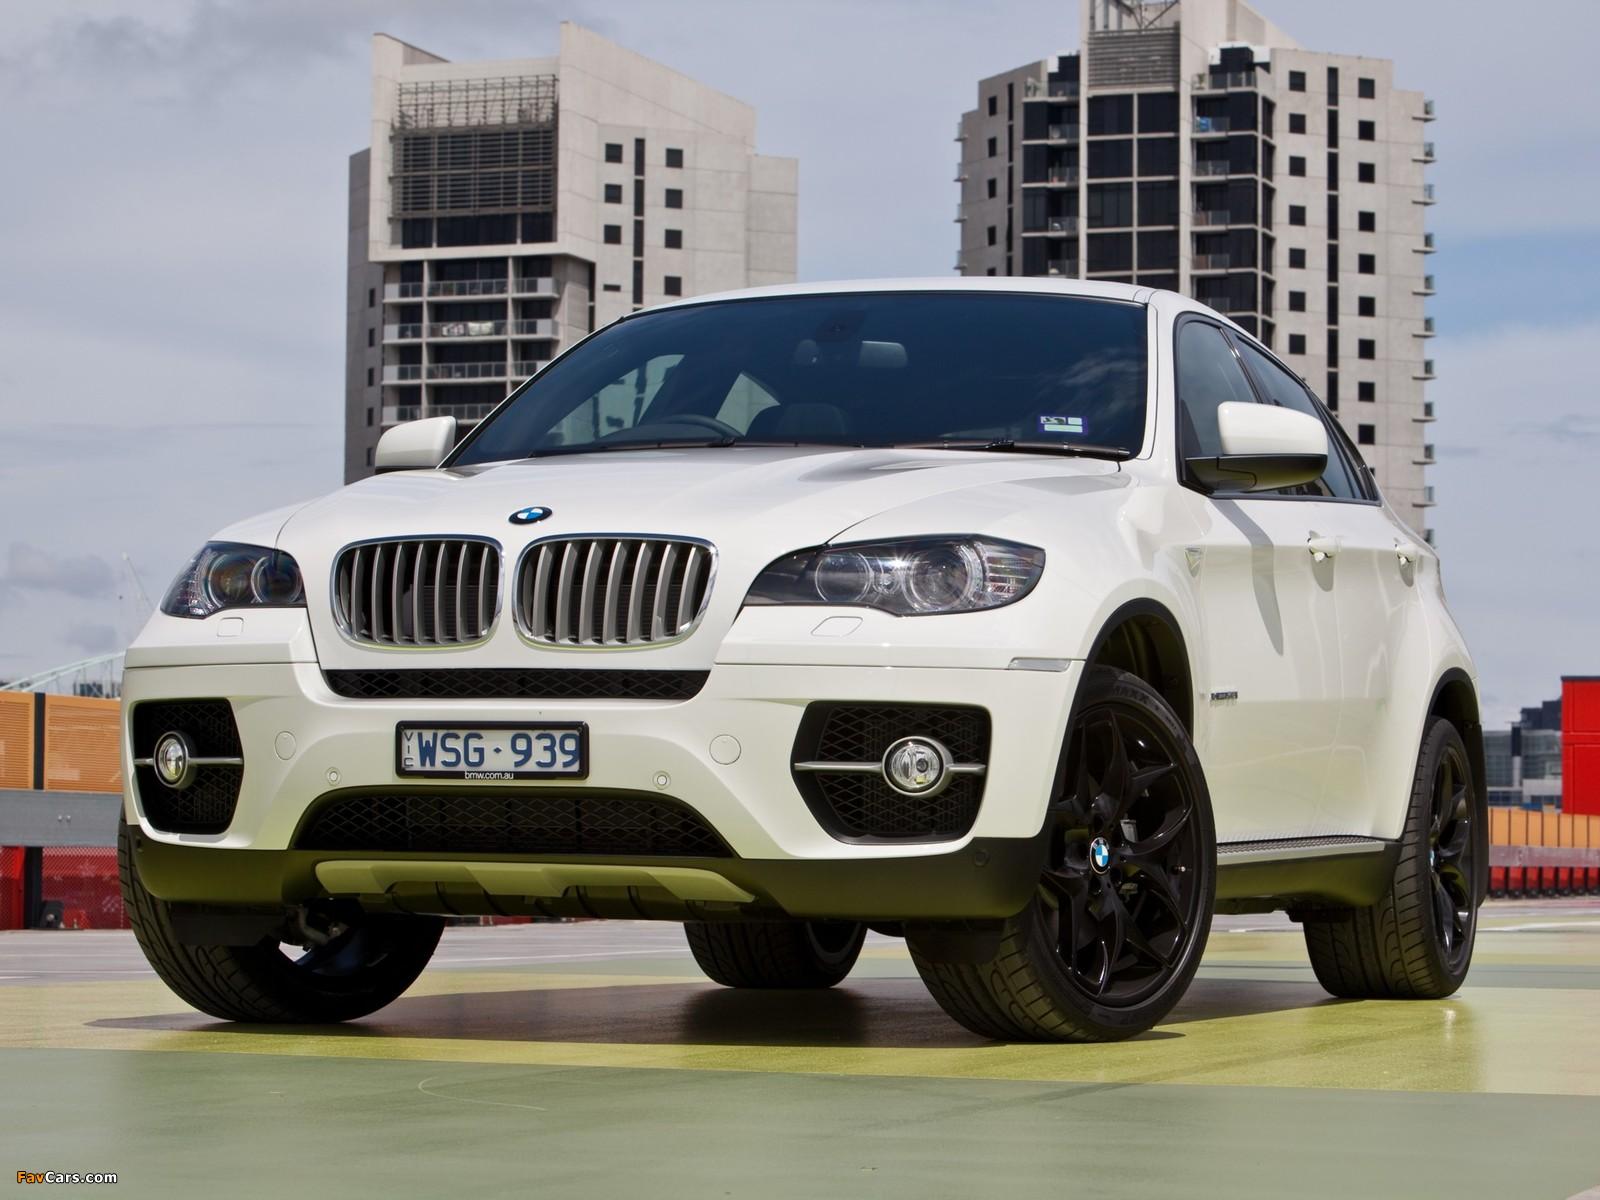 BMW X6 xDrive50i AU-spec (E71) 2009-12 photos (1600x1200)